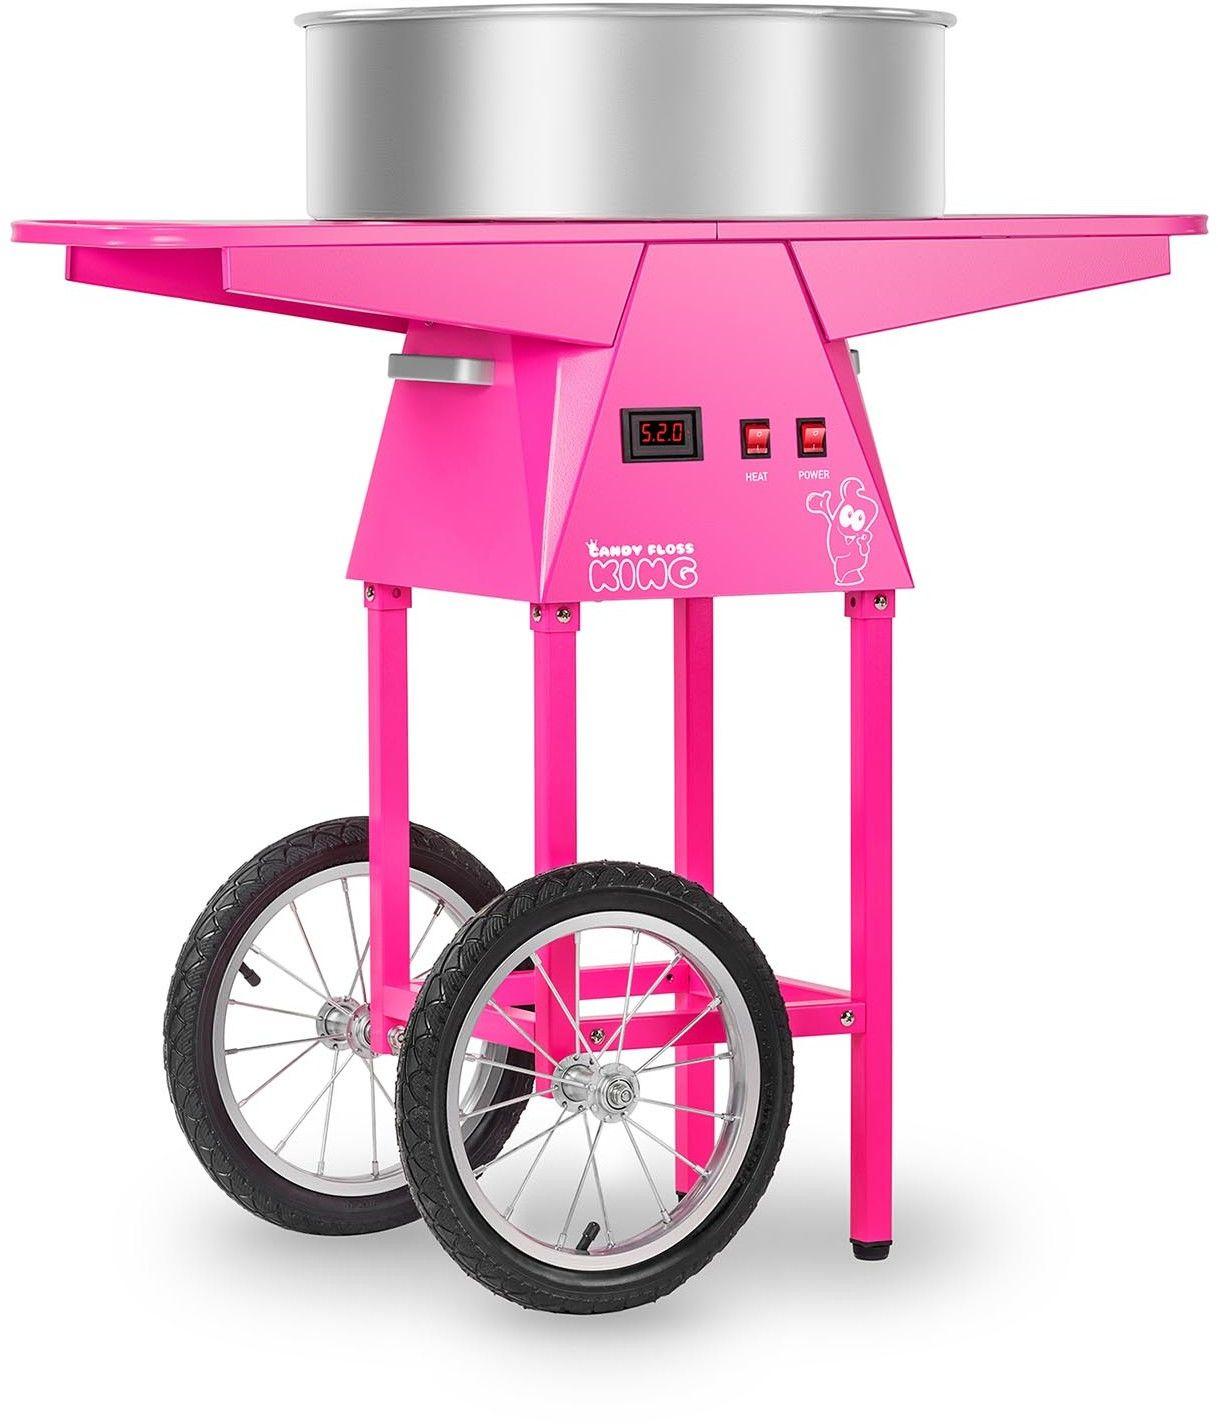 Maszyna do waty cukrowej - 52 cm - LED - wózek - Royal Catering - RCZC-1030-W - 3 lata gwarancji/wysyłka w 24h